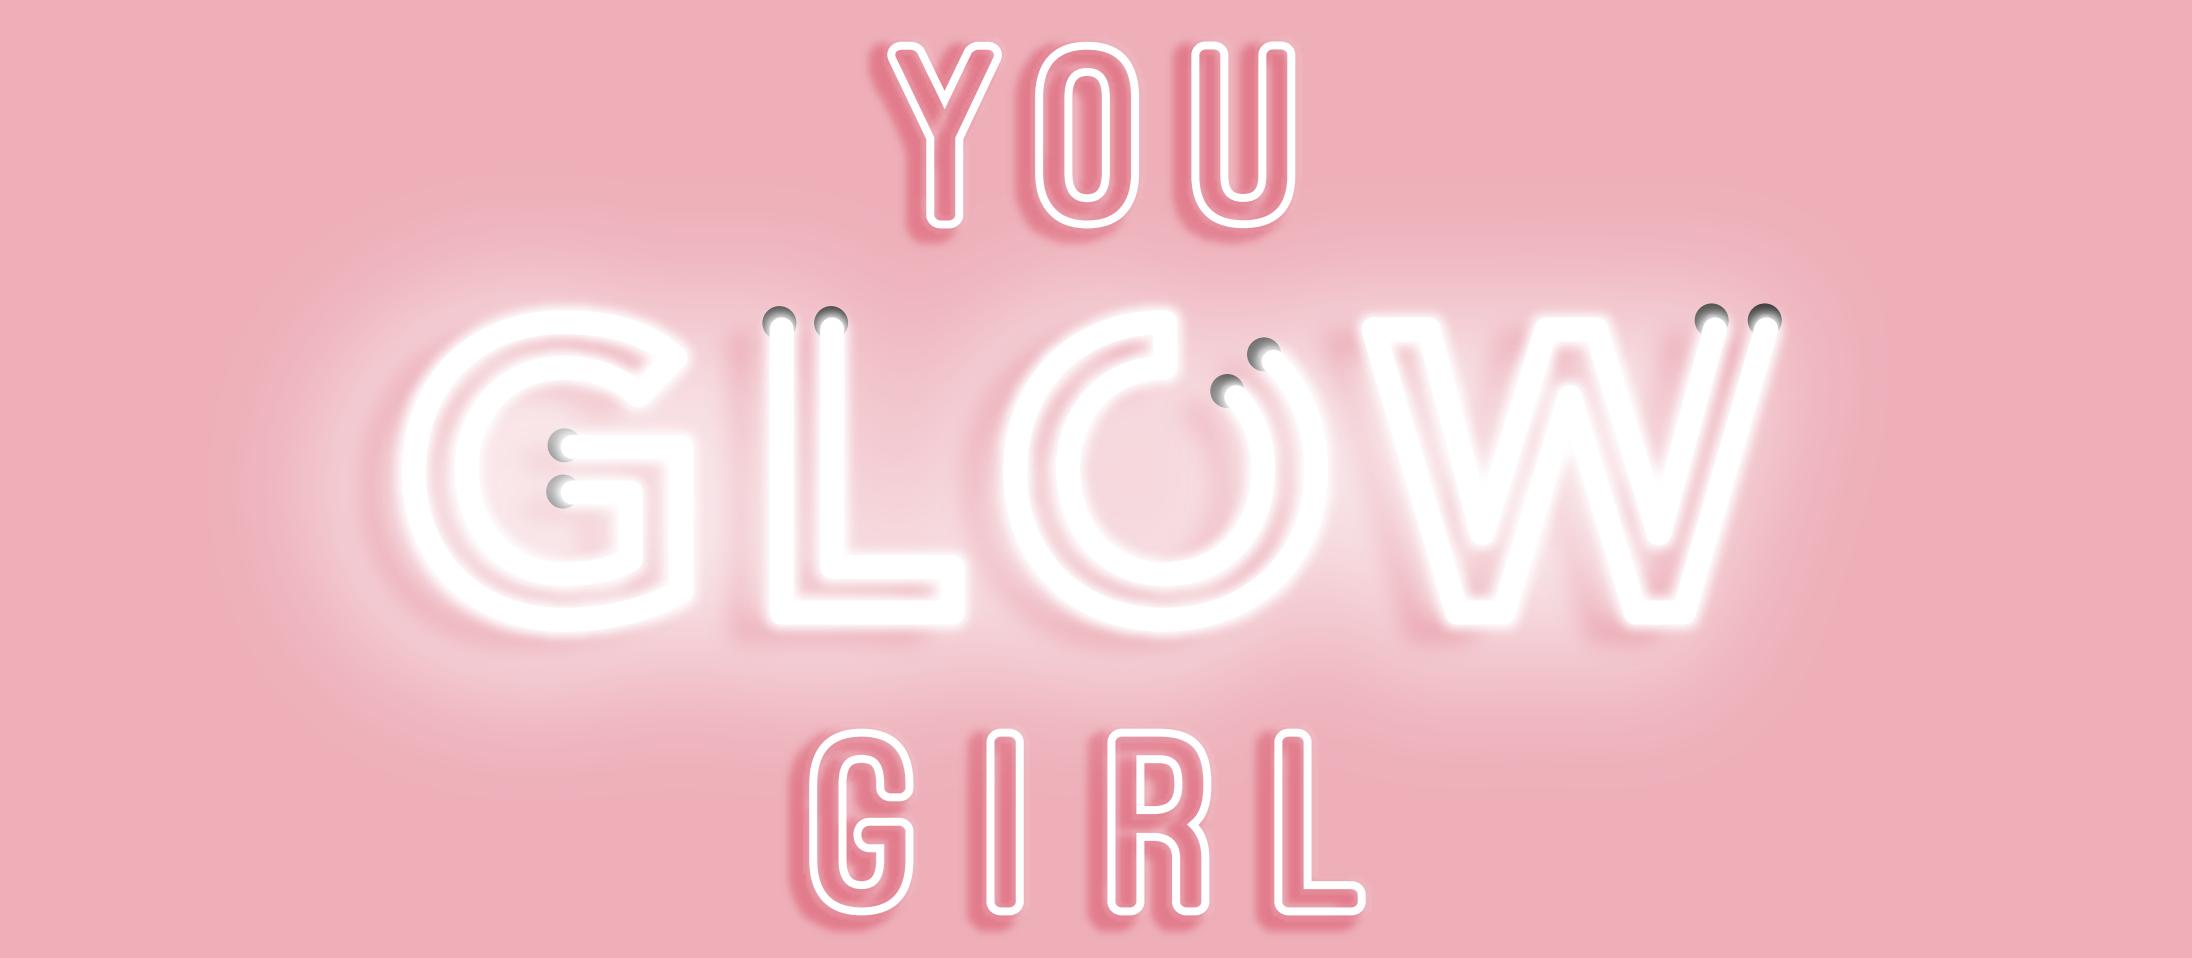 You #glow girl Mocha Girl Beauty x GloGirl